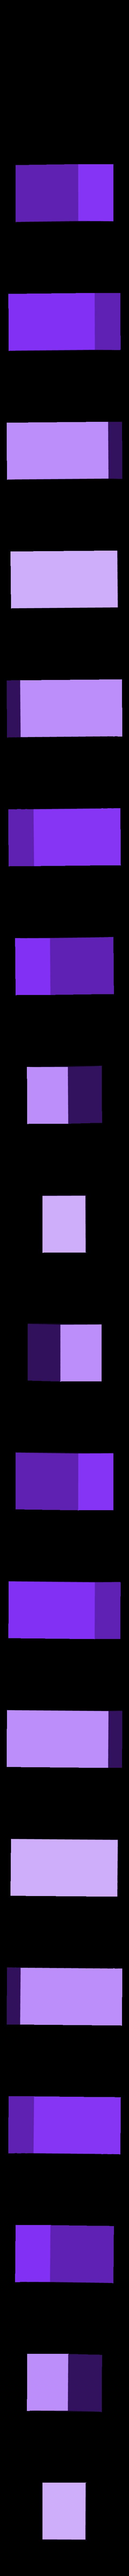 peg_for_addons.stl Télécharger fichier STL gratuit Ornement Mix and Match • Design imprimable en 3D, Girthnath